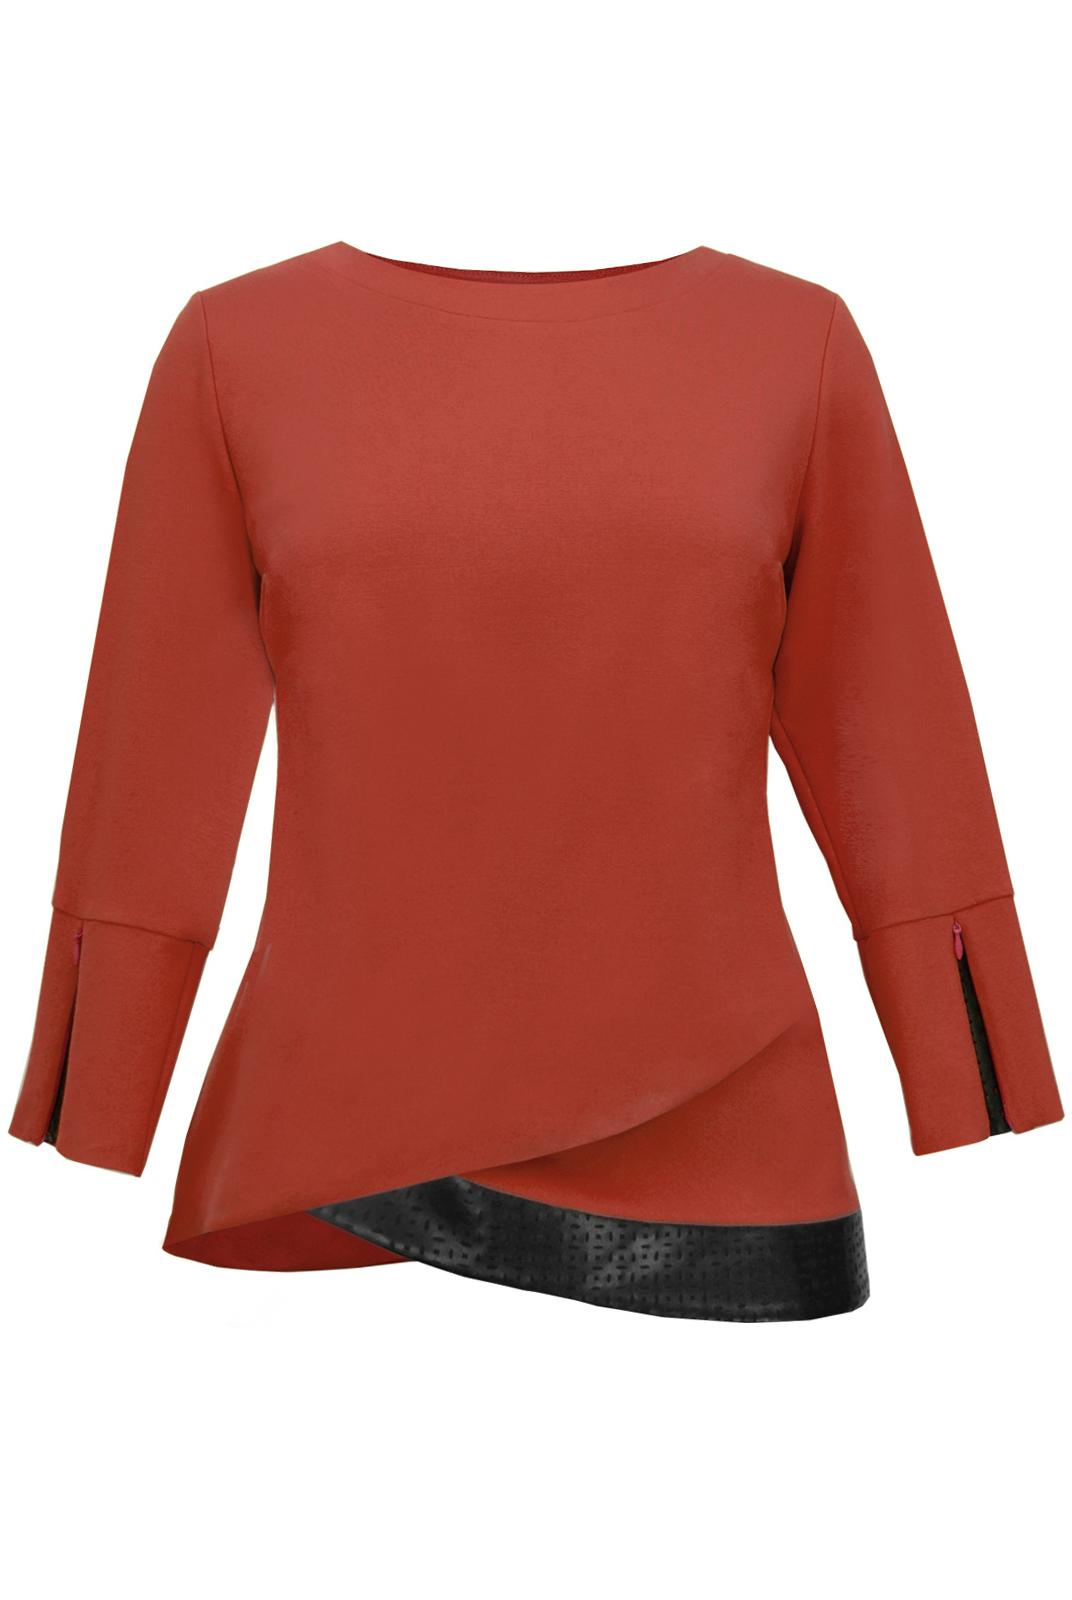 Купить блузку трикотаж